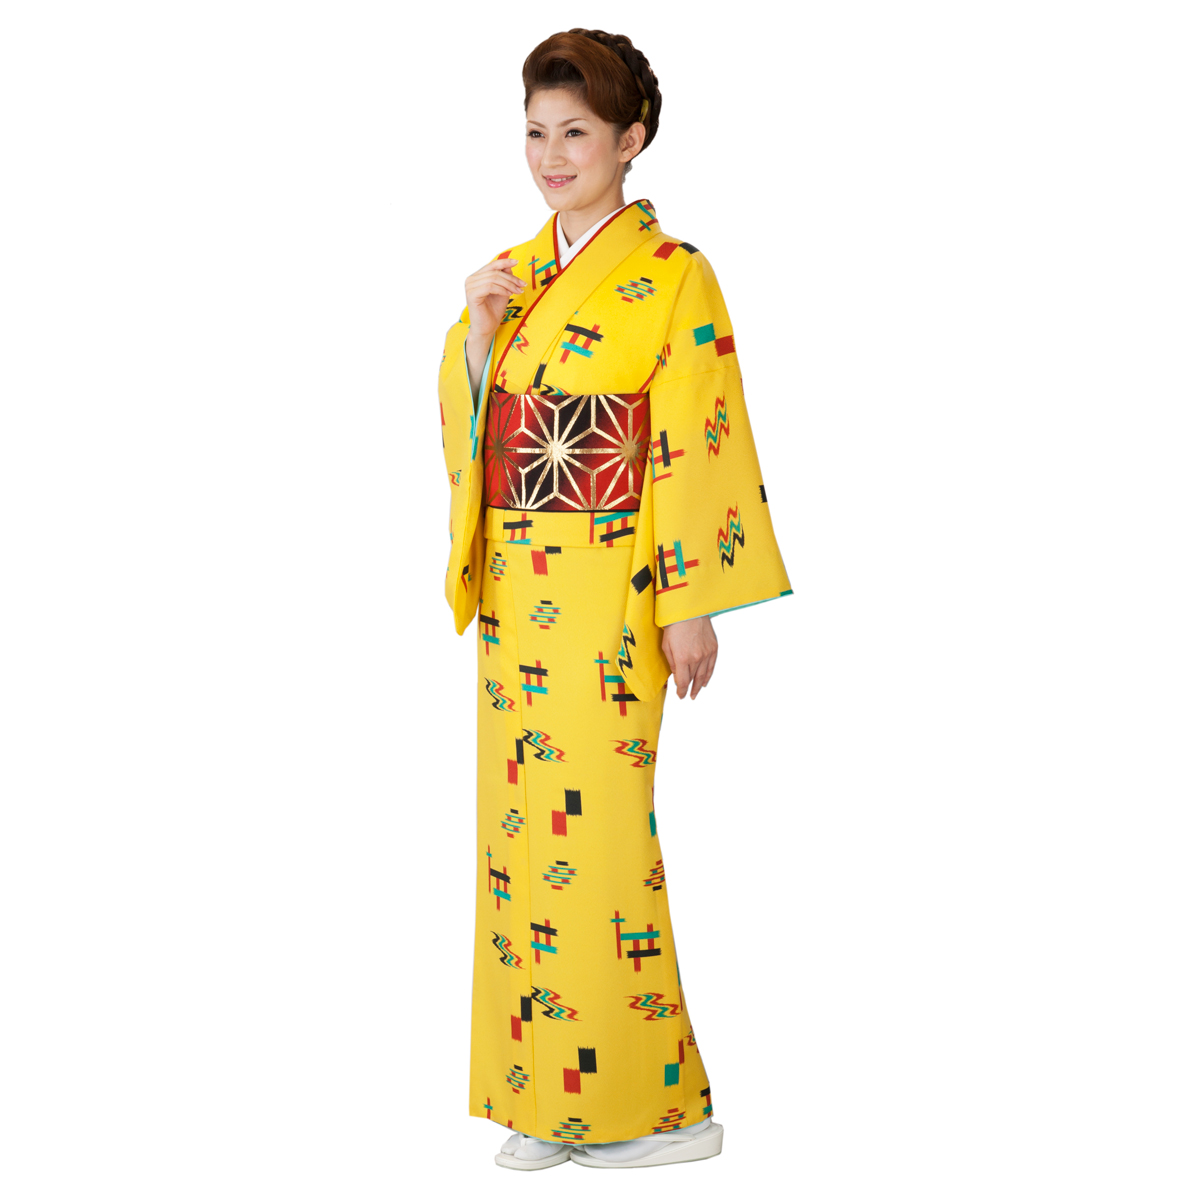 踊り 着物 踊り用小紋 胴抜仕立て上がり 黄色地 琉球かすり 着物(きもの)